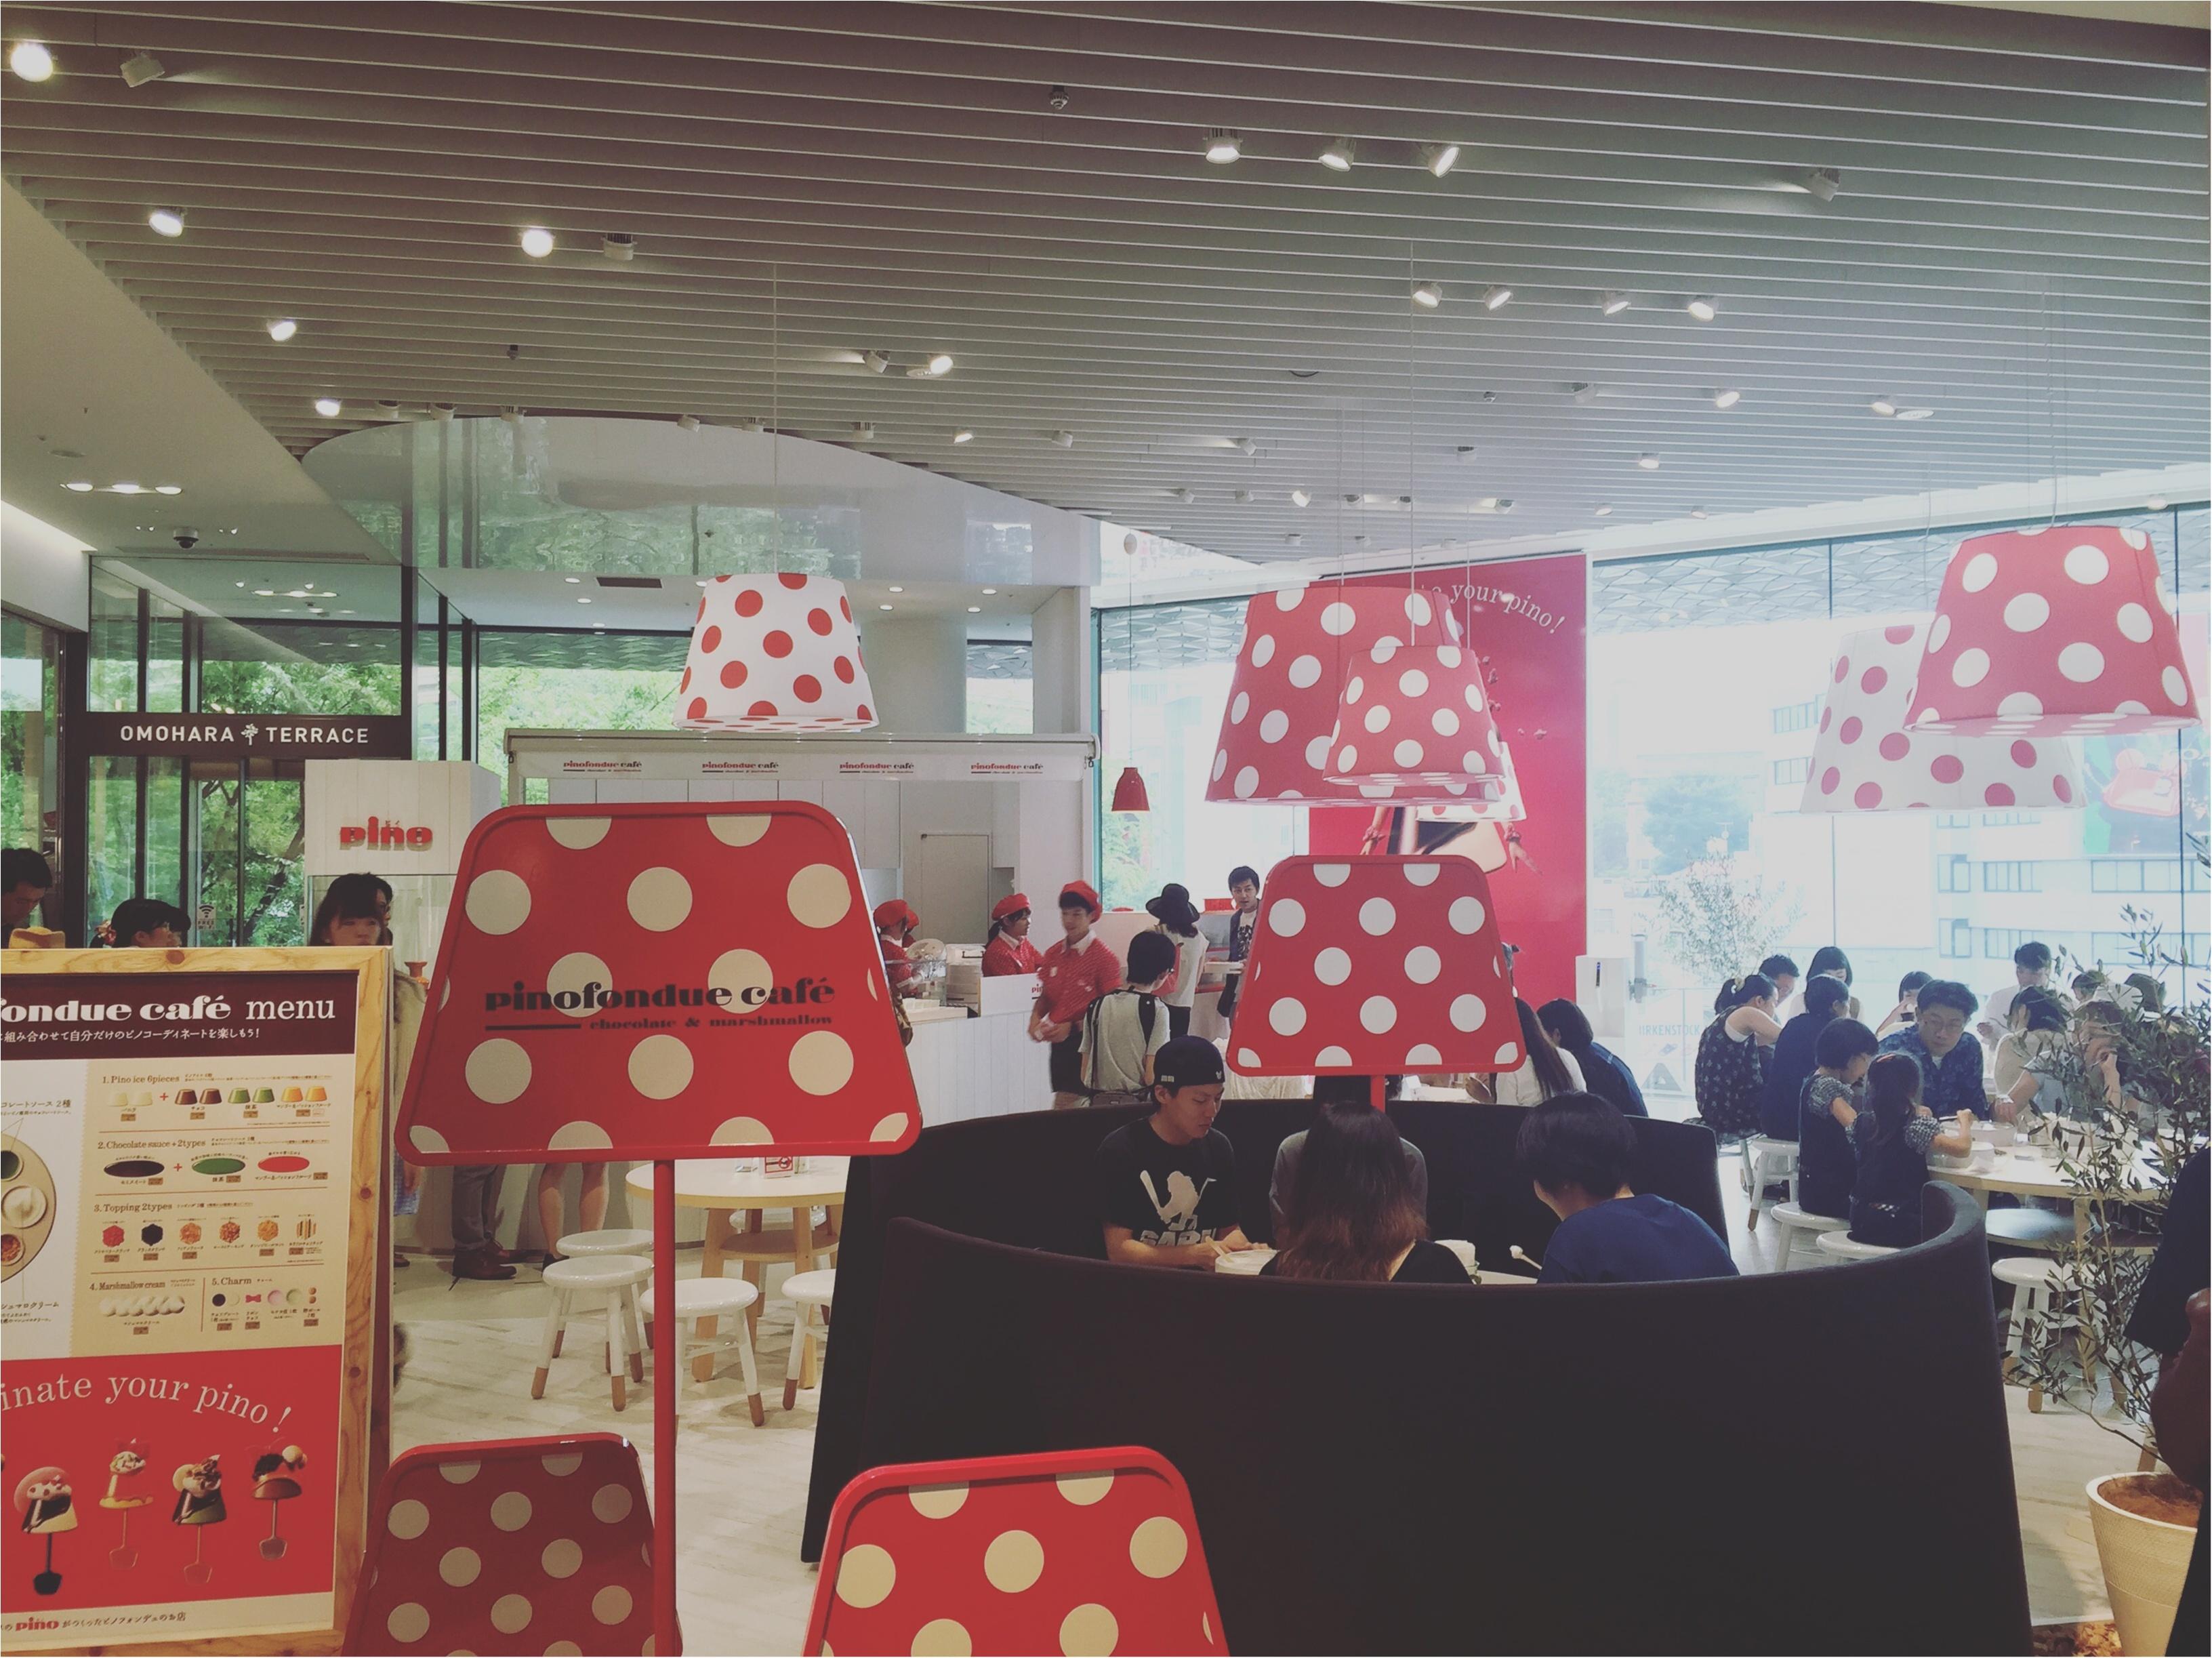 アイスの『pino』がつくった【ピノフォンデュカフェ】今年も東急プラザ表参道原宿3Fにオープン!大阪も今週末オープン✨≪samenyan≫_6